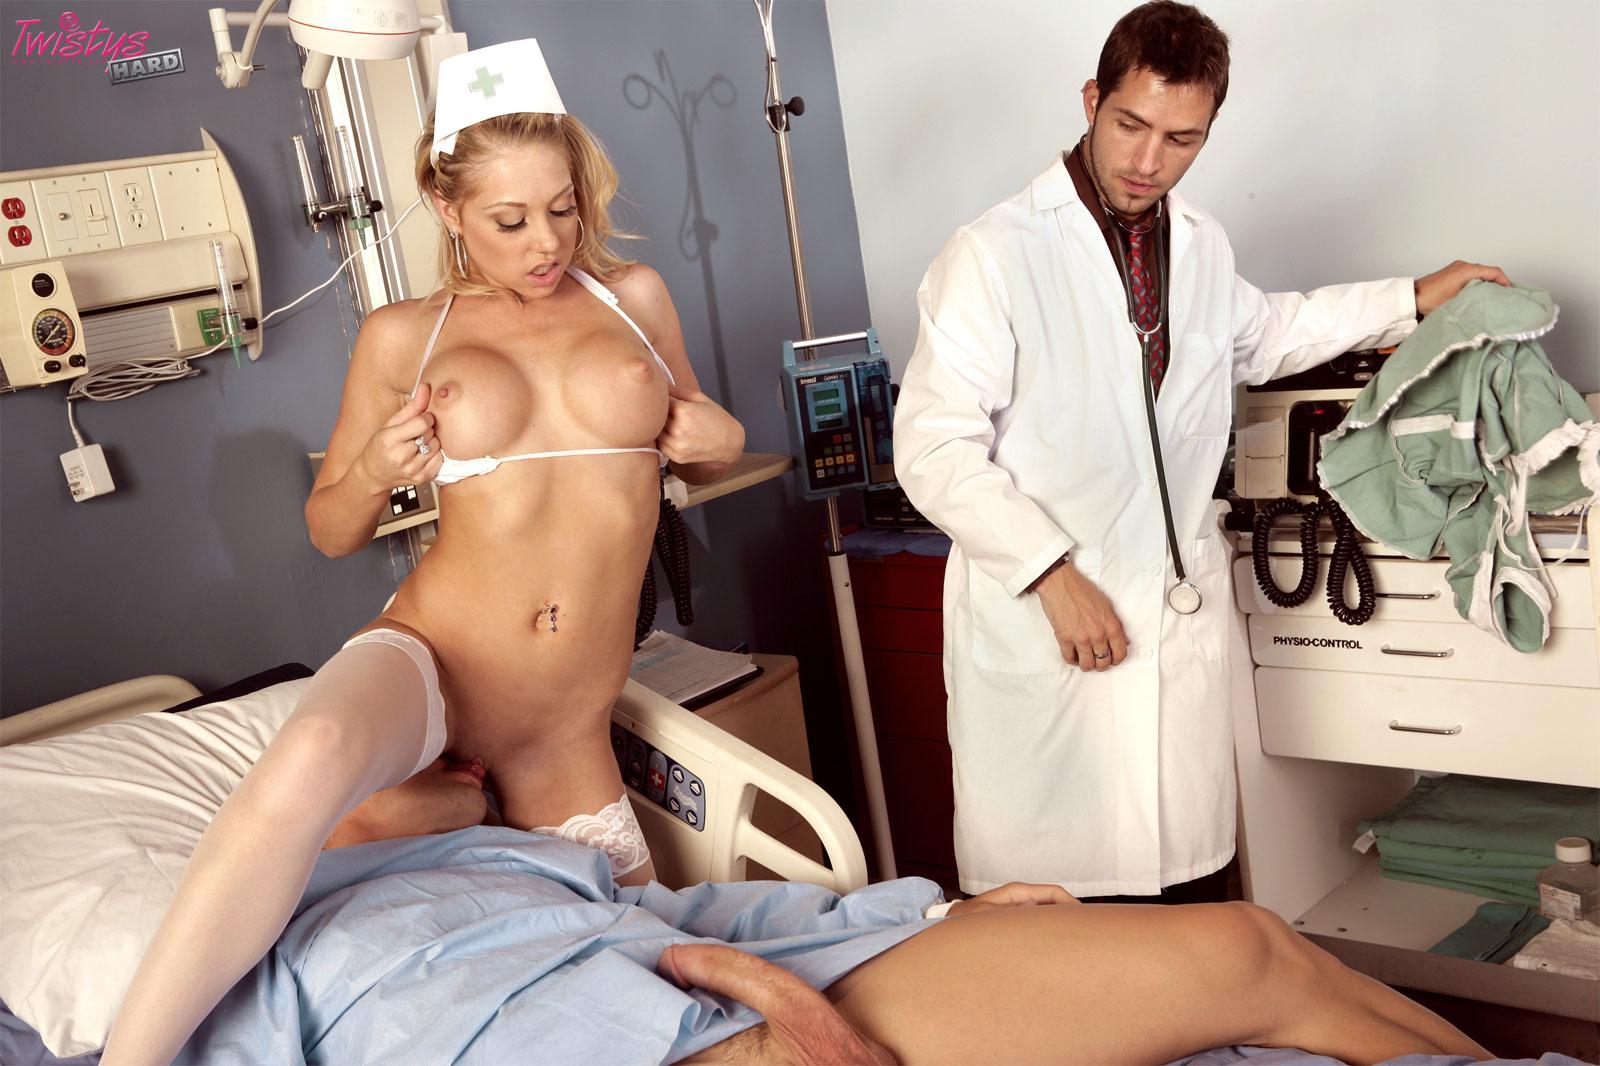 Смотреть порно фото голых девушек медсестер, Голые медсестры Порно фото медсестры в халатах 3 фотография